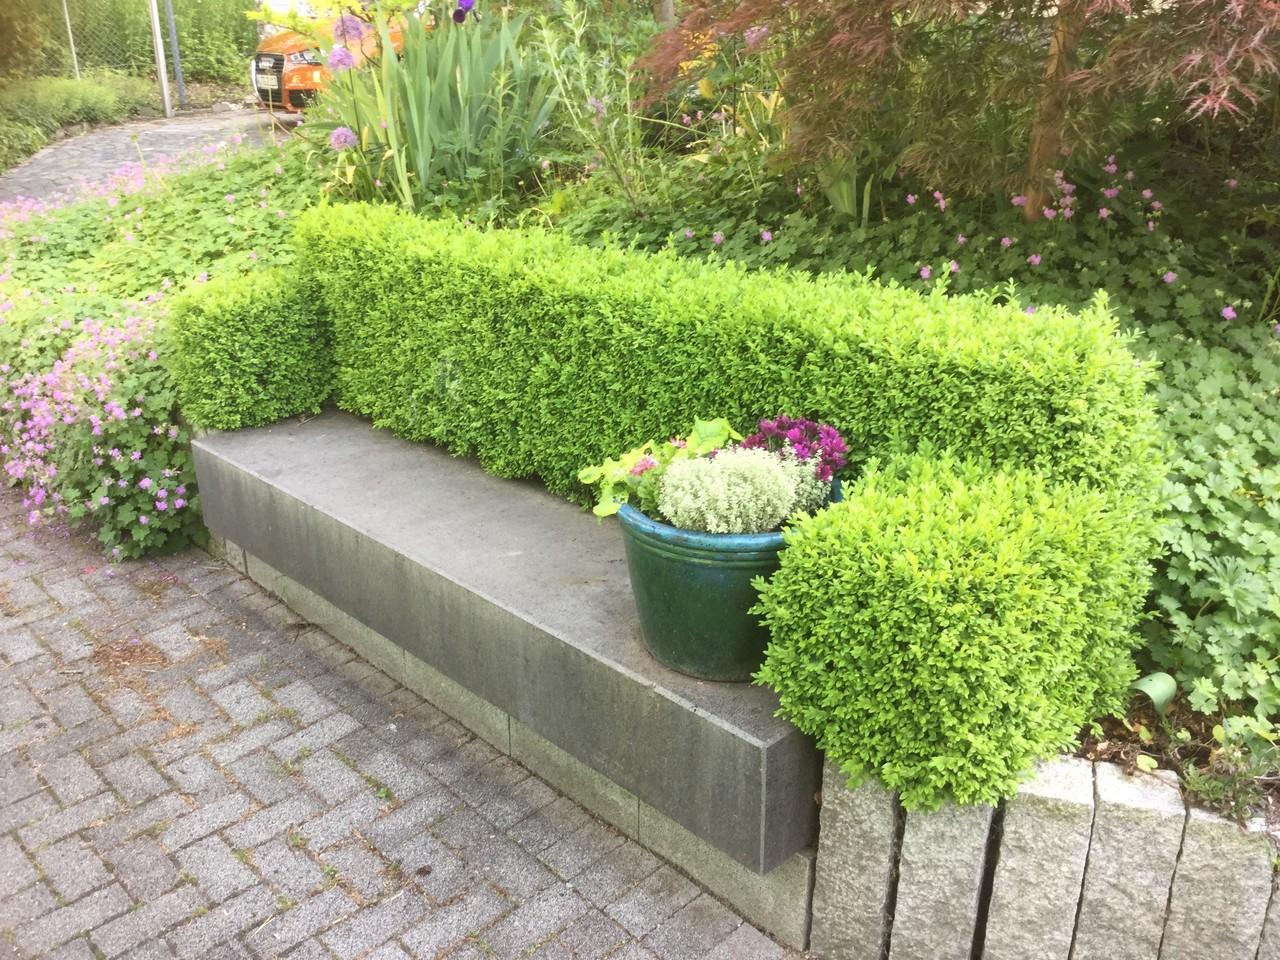 vogelschutz beginnt am garten und landschaftsbau wuppertal gelbrich. Black Bedroom Furniture Sets. Home Design Ideas